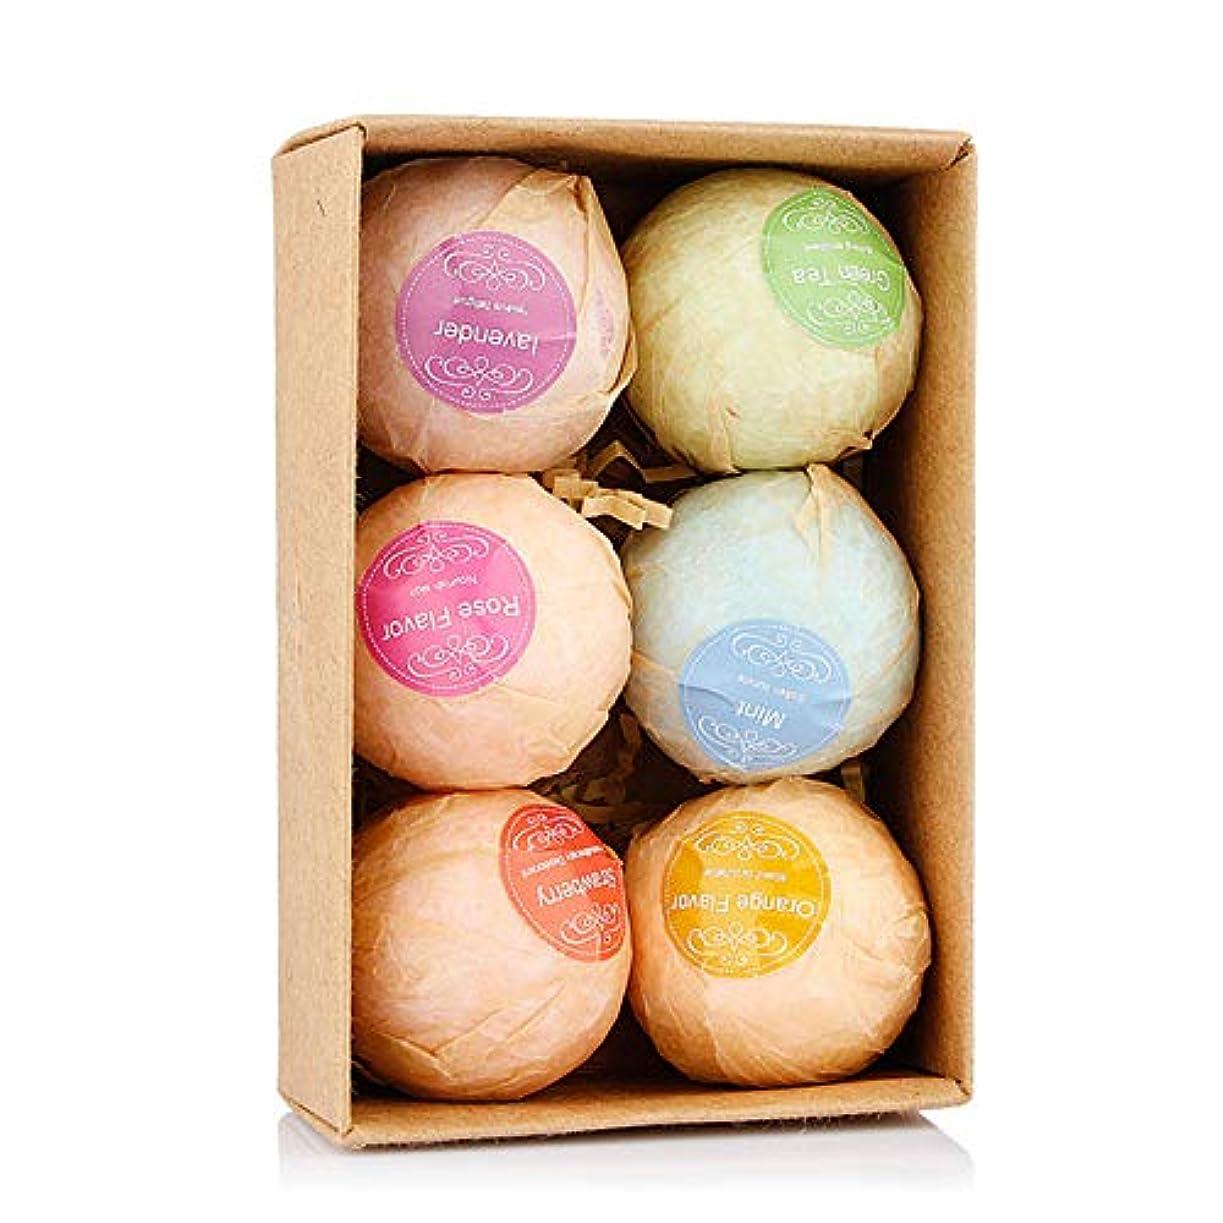 ますますランデブー驚いたバスボム 入浴剤 炭酸 バスボール 6つの香り 手作り 入浴料 うるおいプラス お風呂用 入浴剤 ギフトセット6枚 プレゼント最適